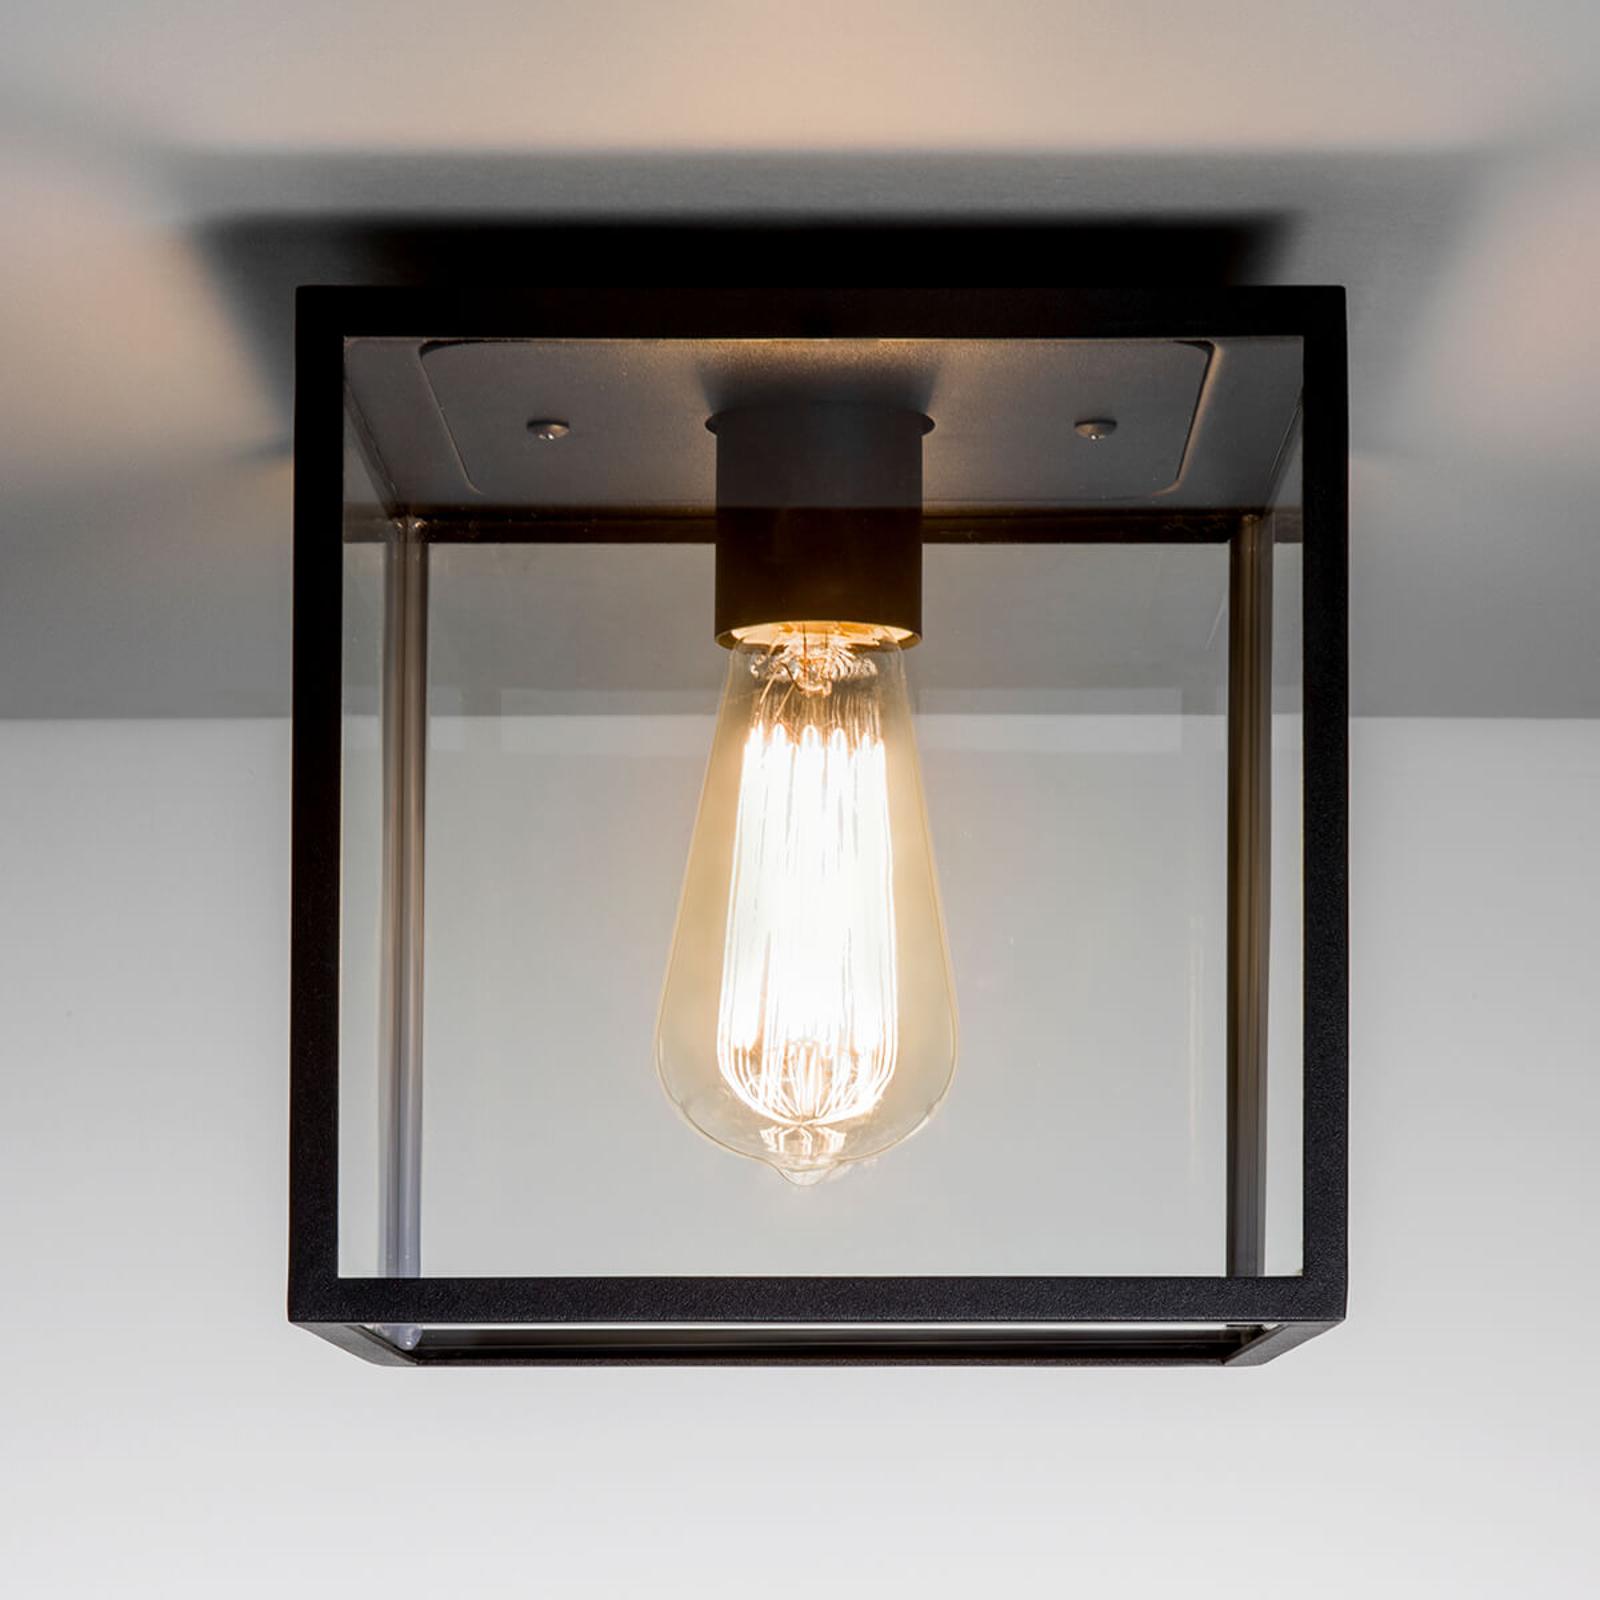 Lampa sufitowa Box w modnym stylu vintage